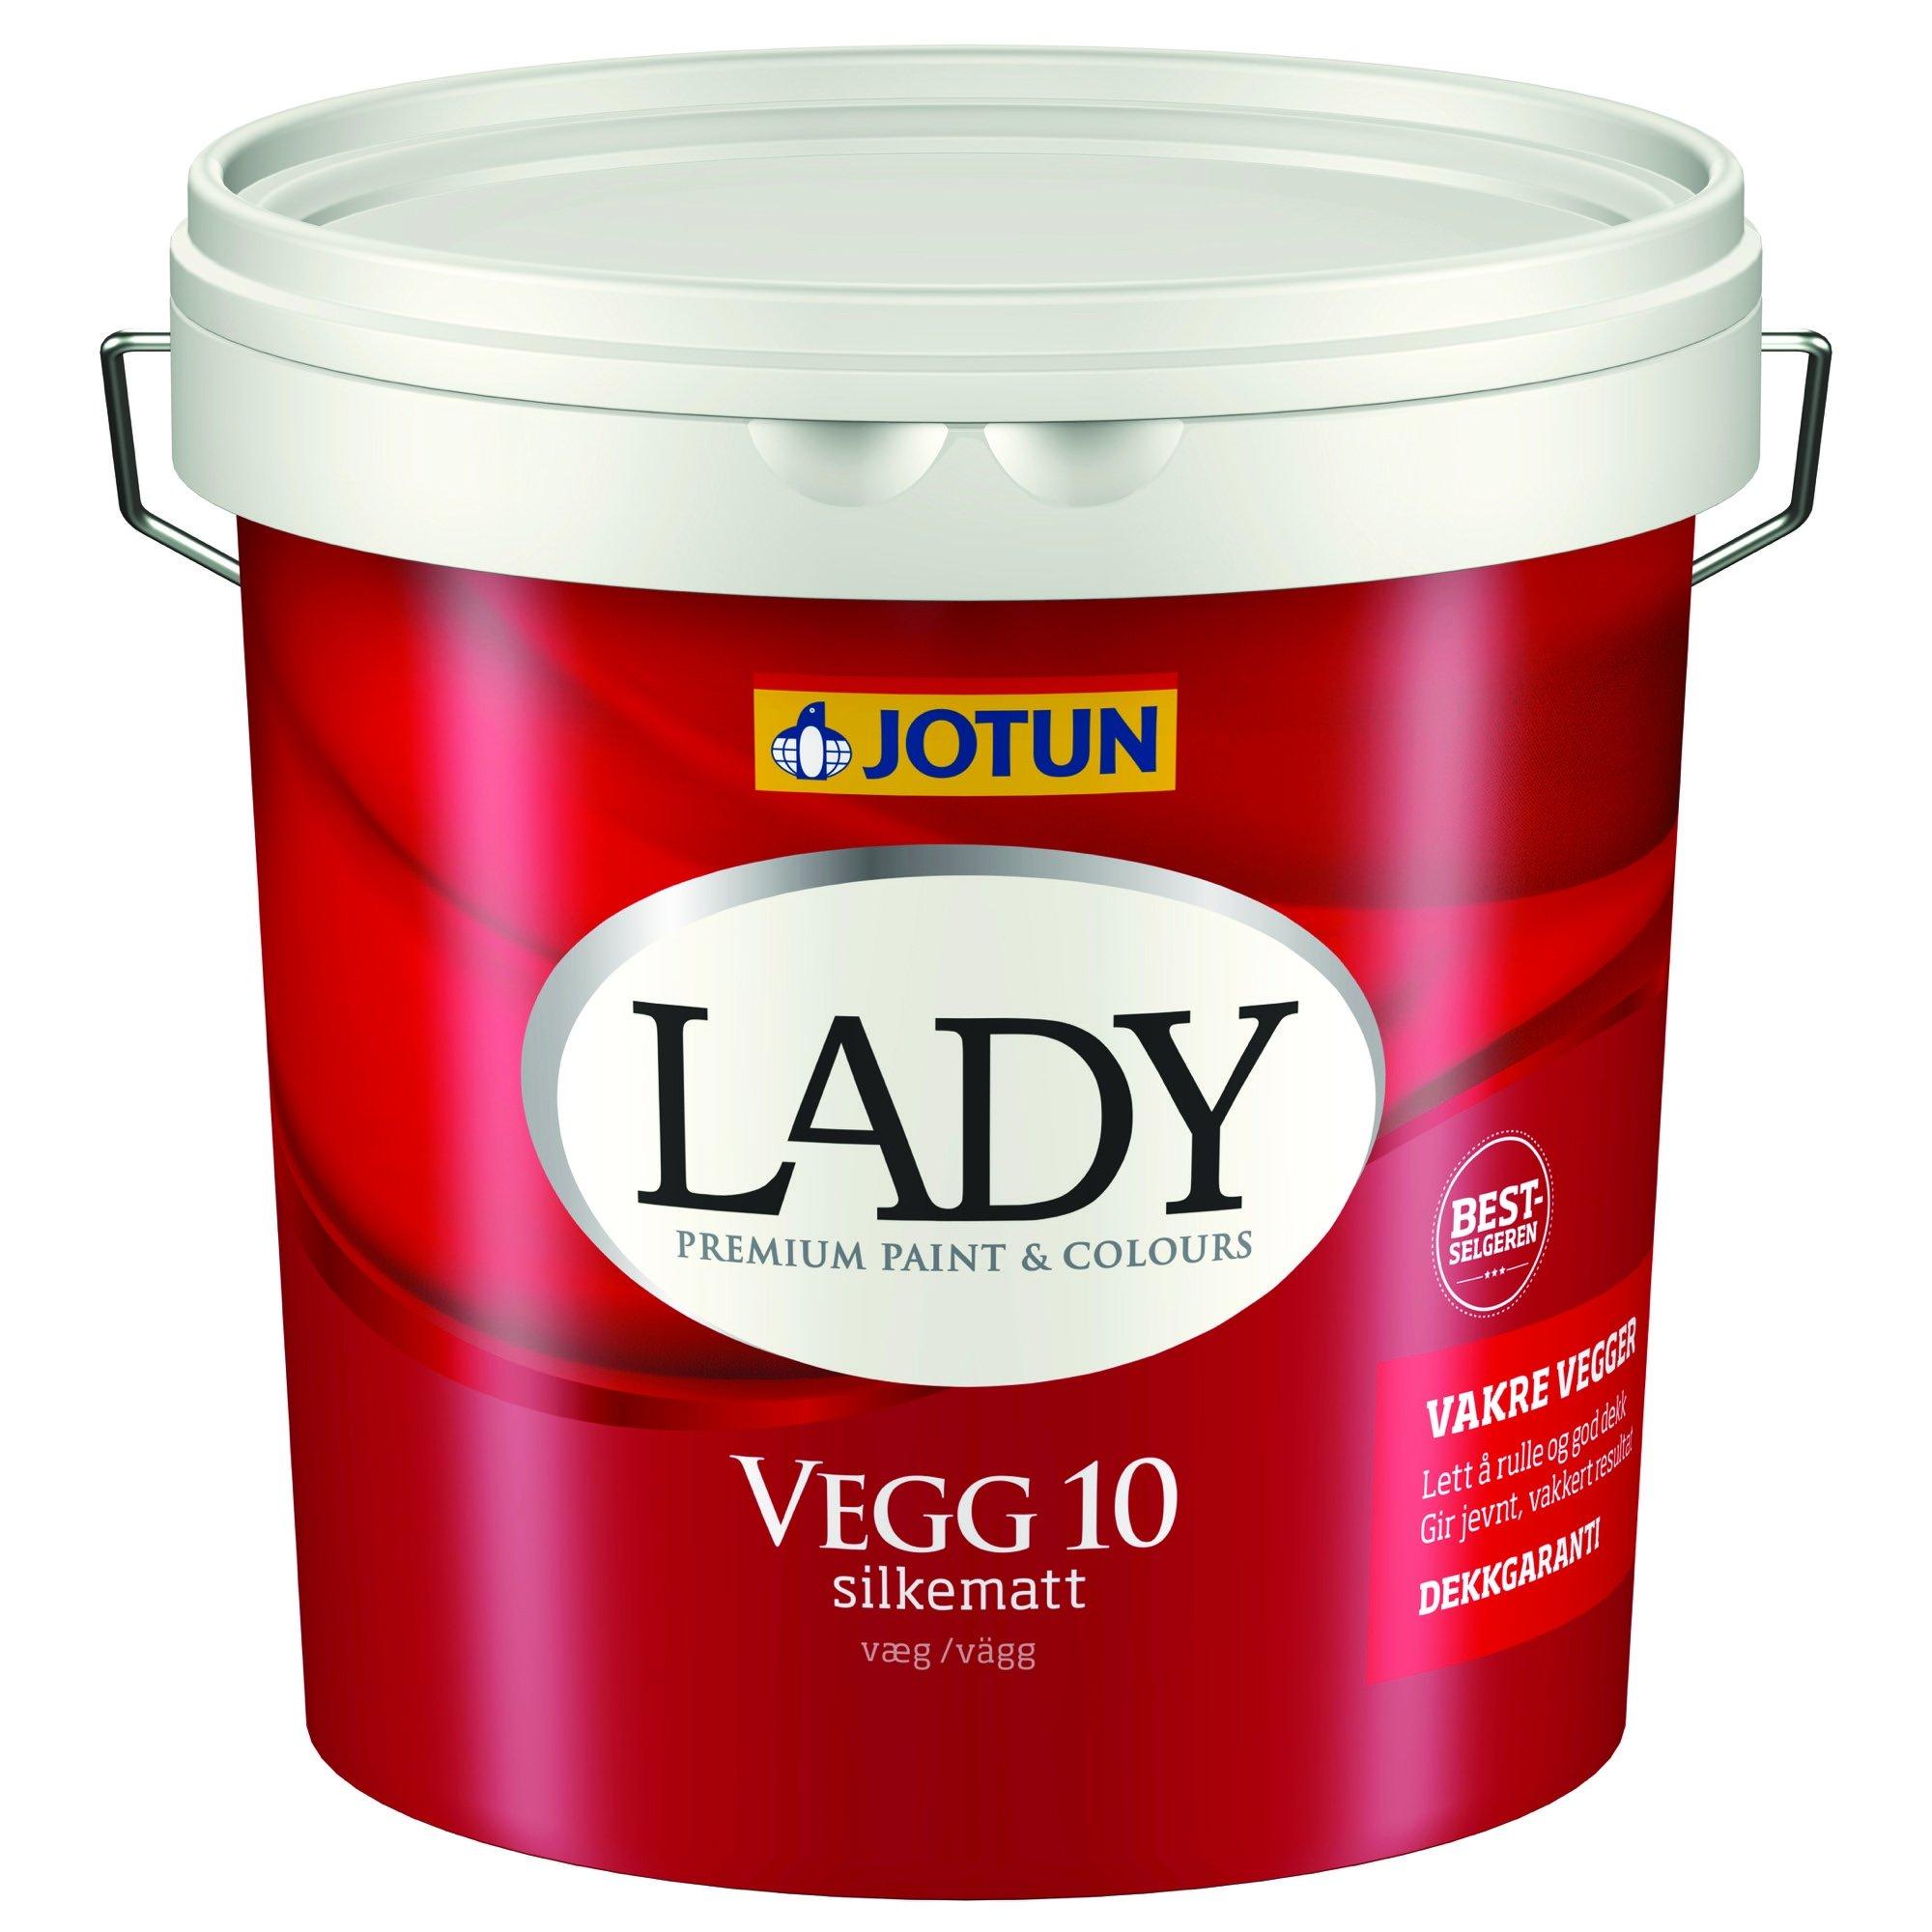 LADY Væg 10 9 L